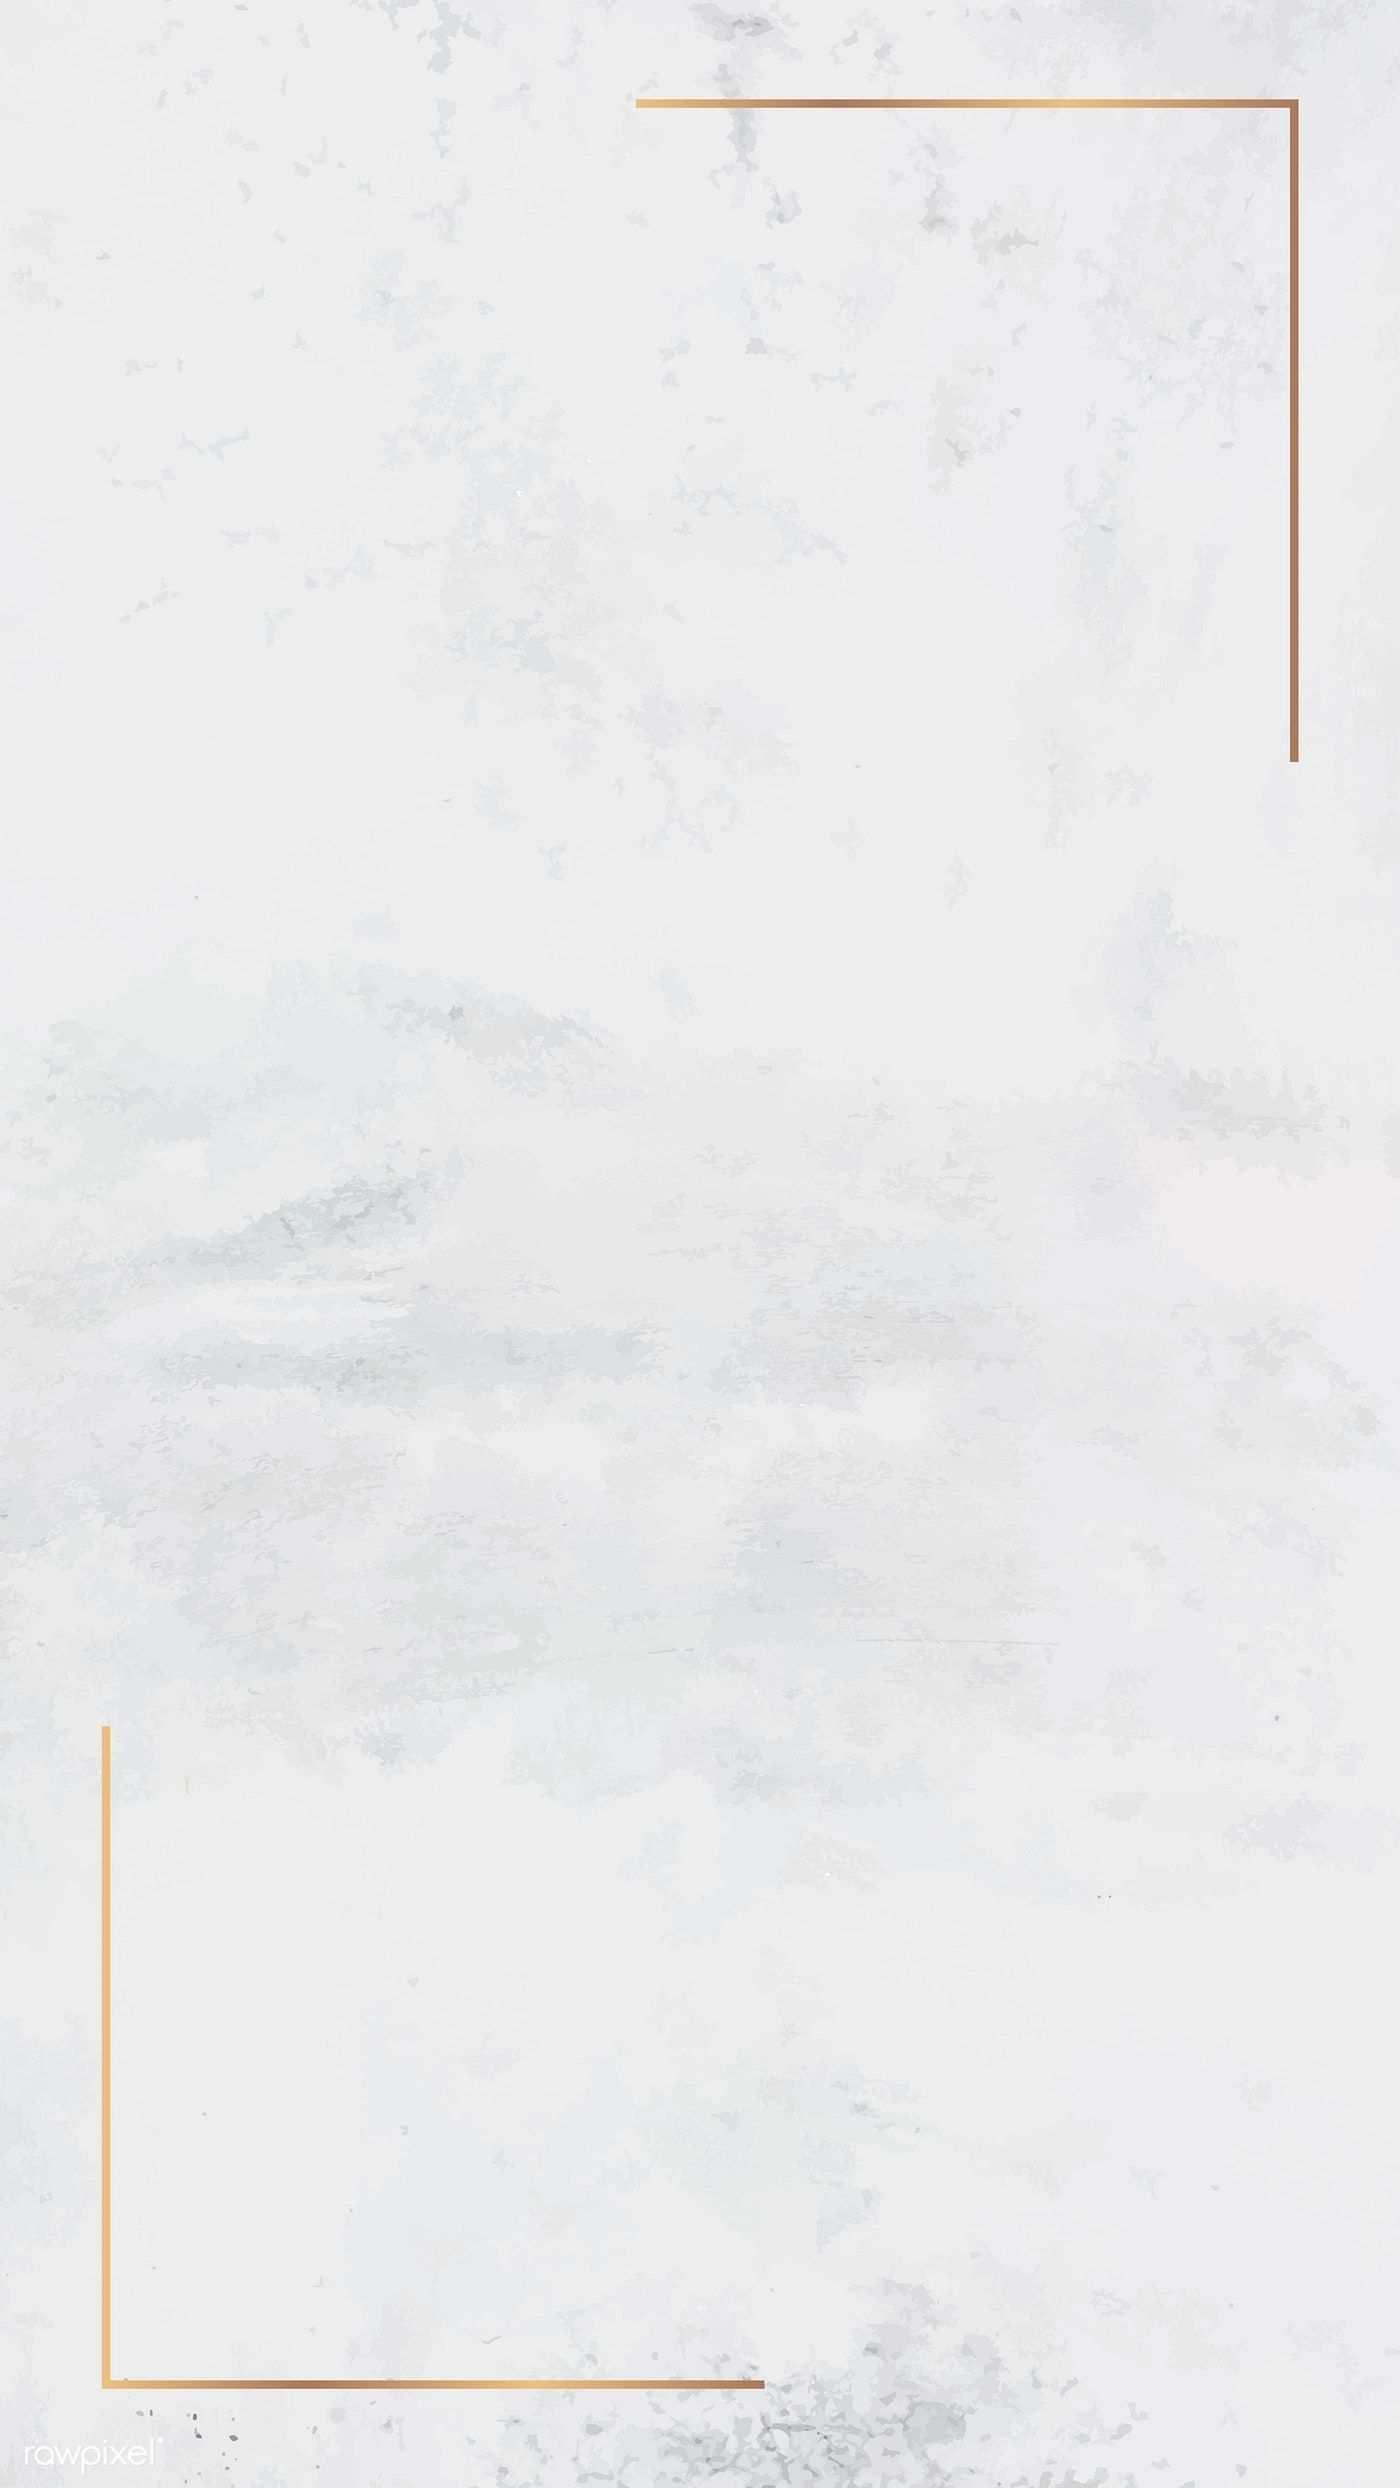 Laden Sie Das Premium Bild Des Goldrahmens Auf Einem Weissen Handy Hintergrundbi Hintergrundmuster Handy Hintergrund Marmor Hintergrund